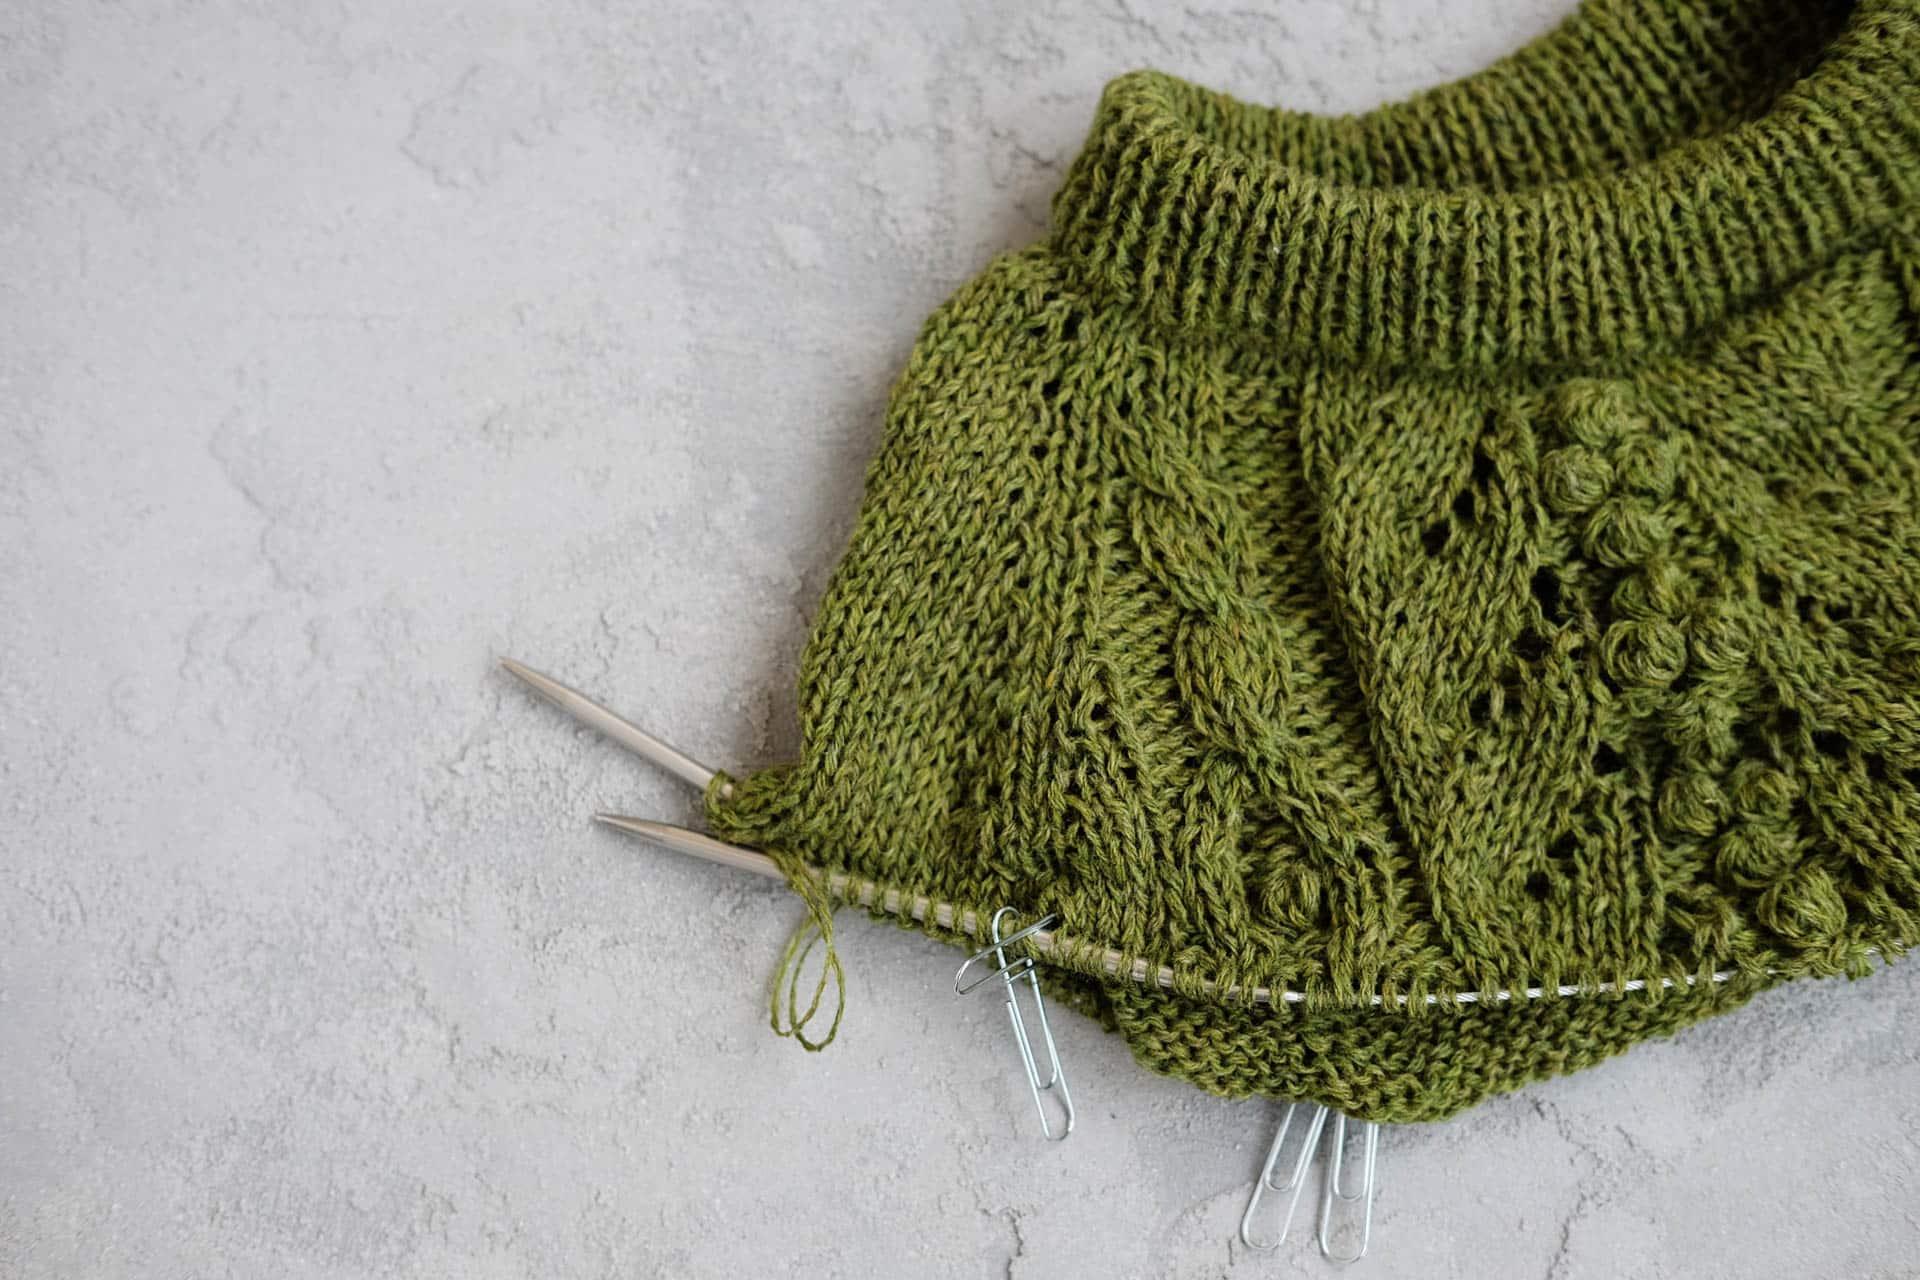 Green wool knitted jumper. Work in progress.